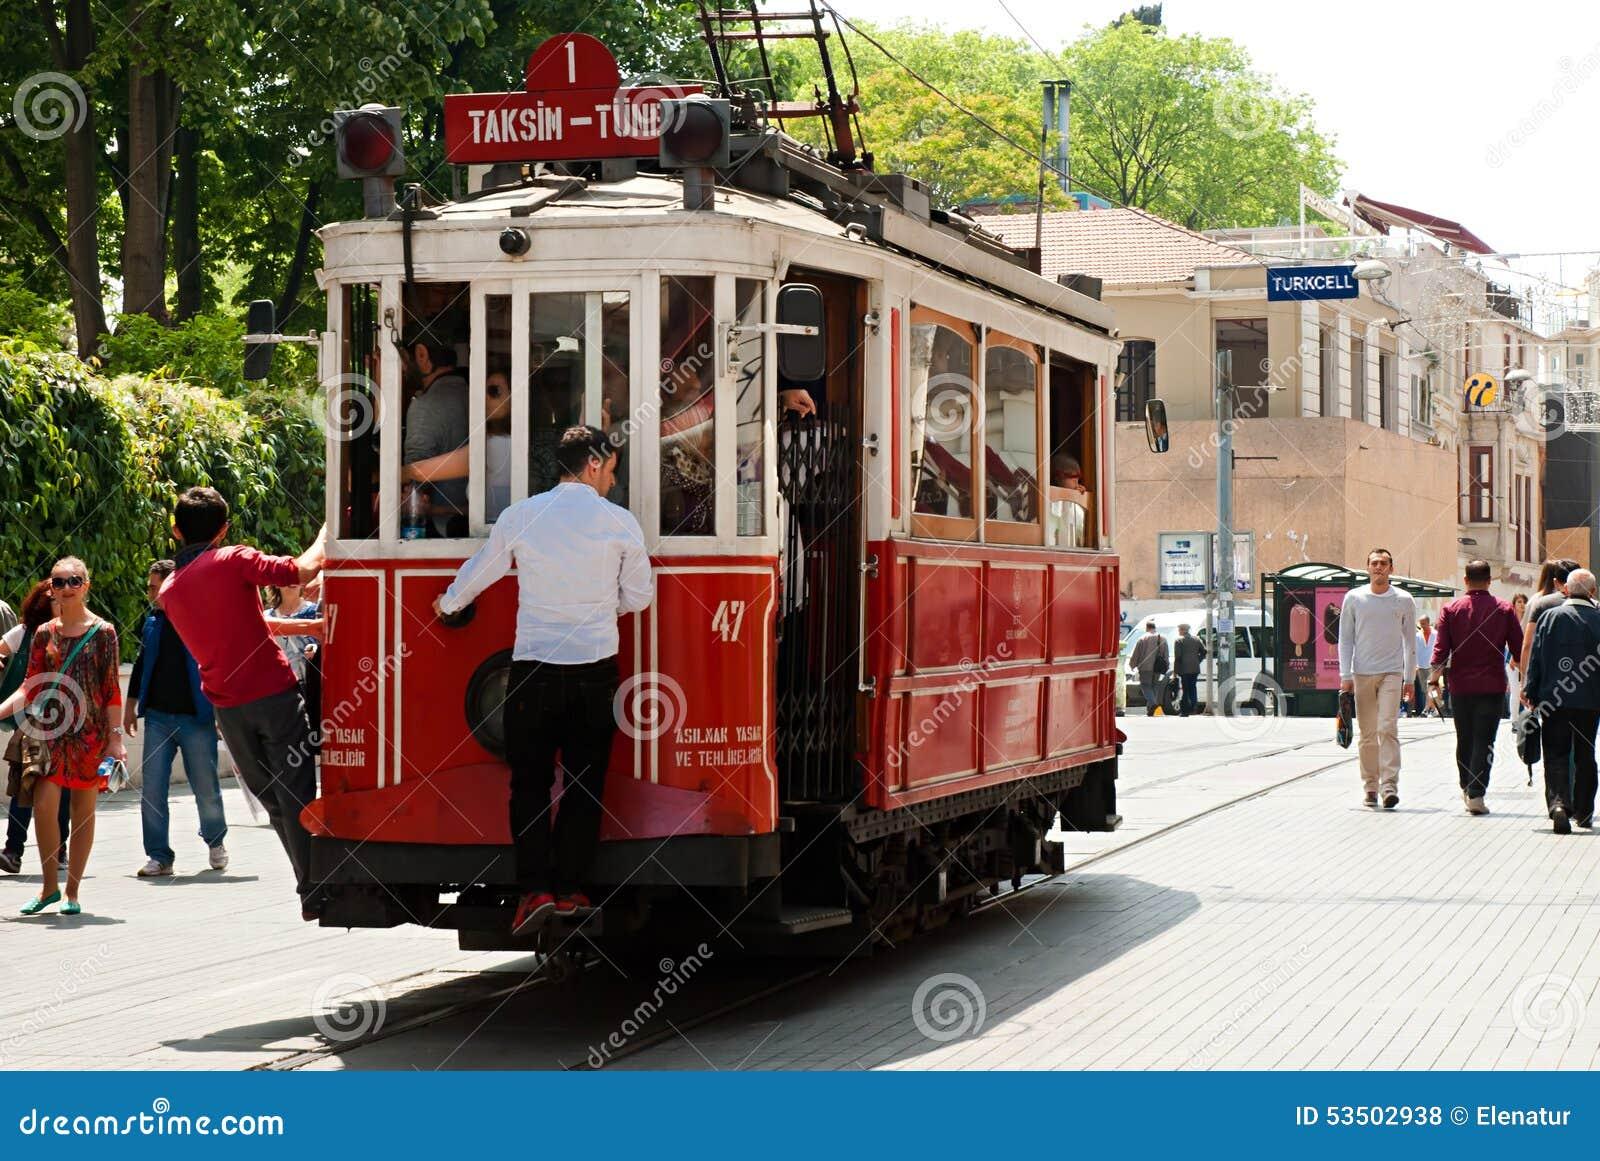 Vintage tram on the Taksim Istiklal Street, Istanbul, Turkey.